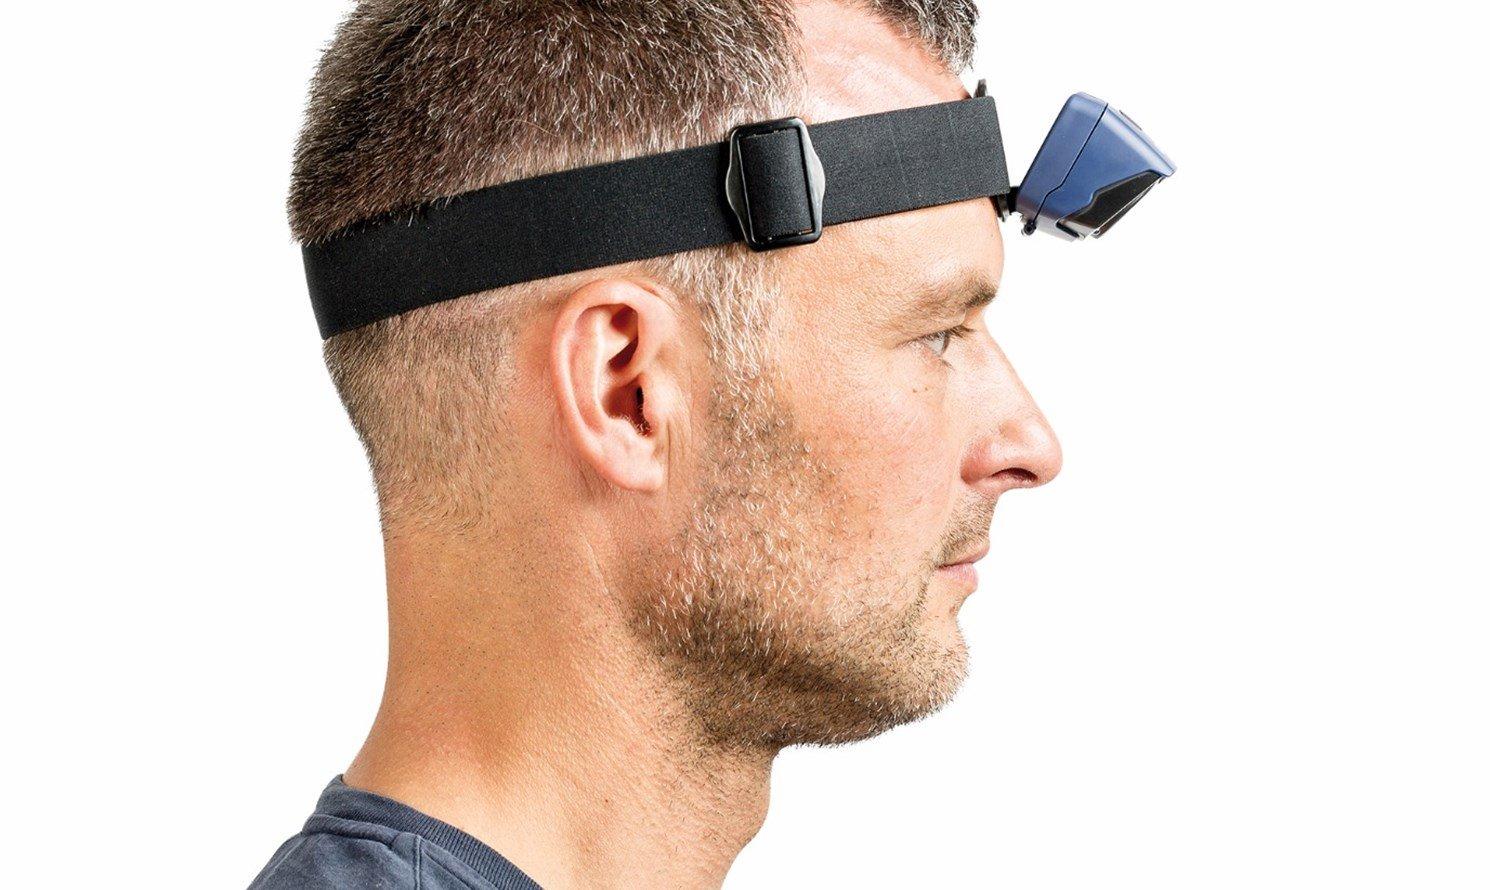 Sensor 2 Stirnlampe Berührungslos